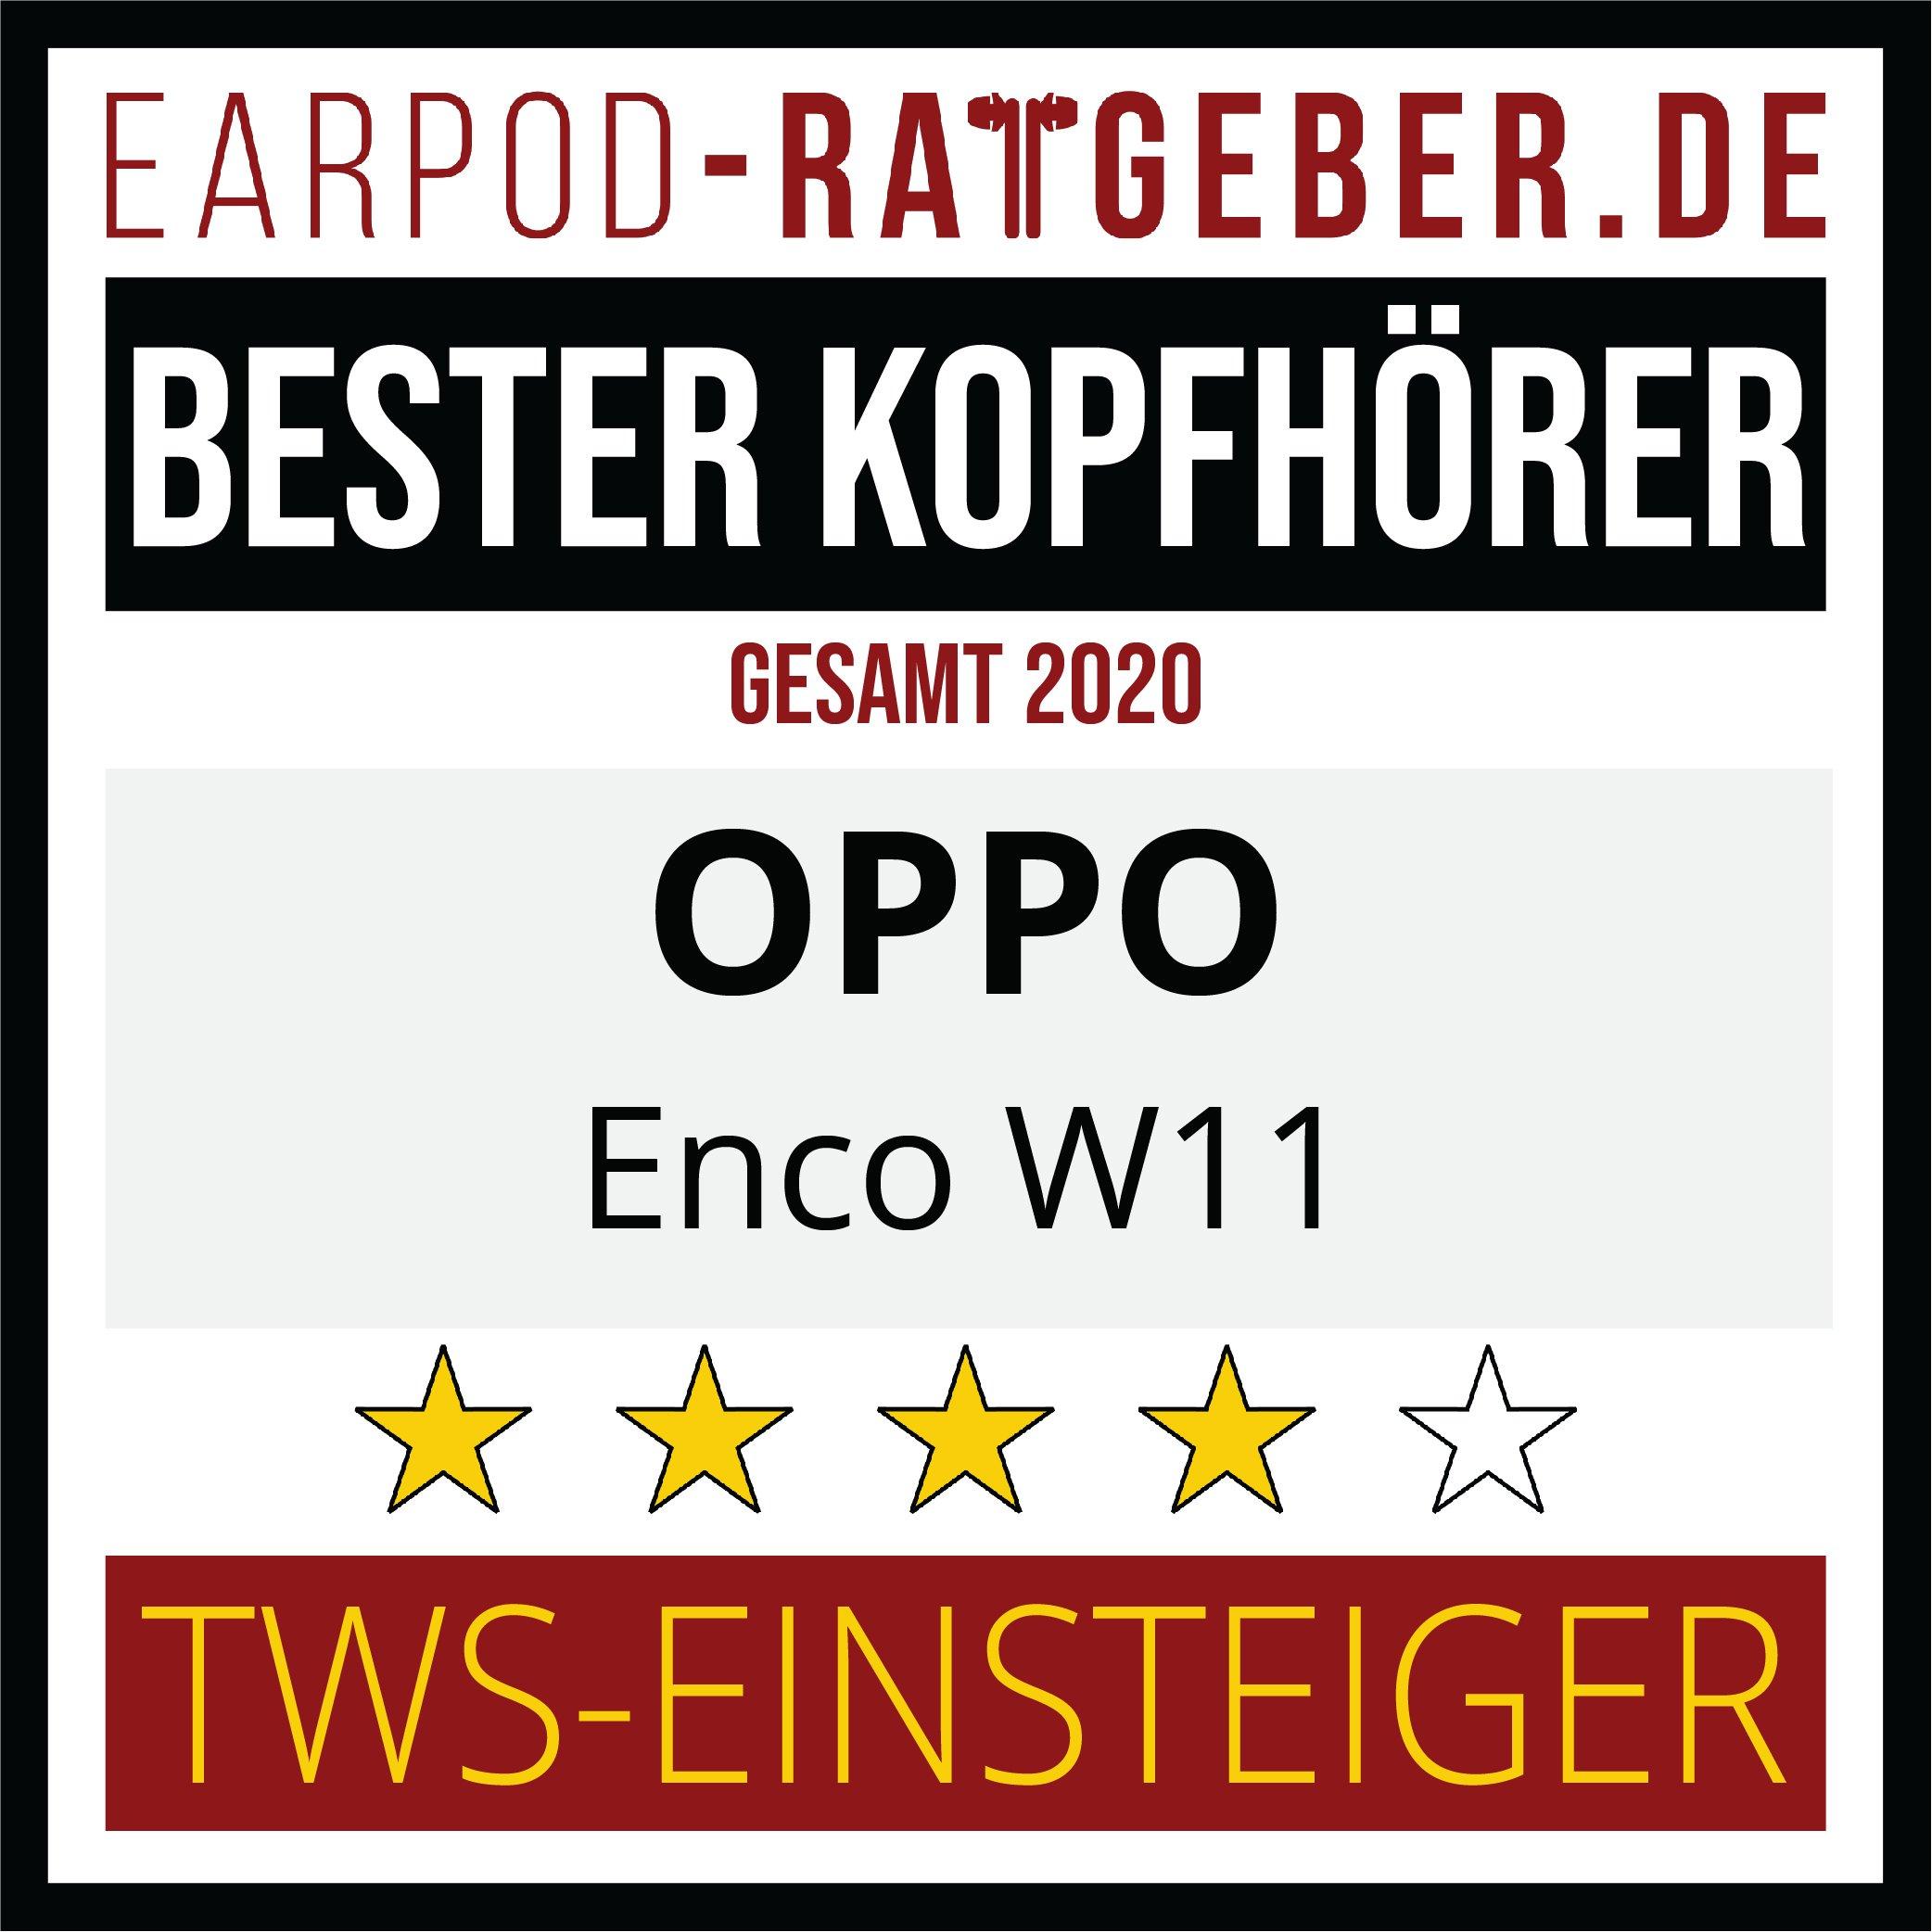 Die besten Kopfhörer 2020 Earpod-Ratgeber.de Awards Einsteiger OPPO Gesamt